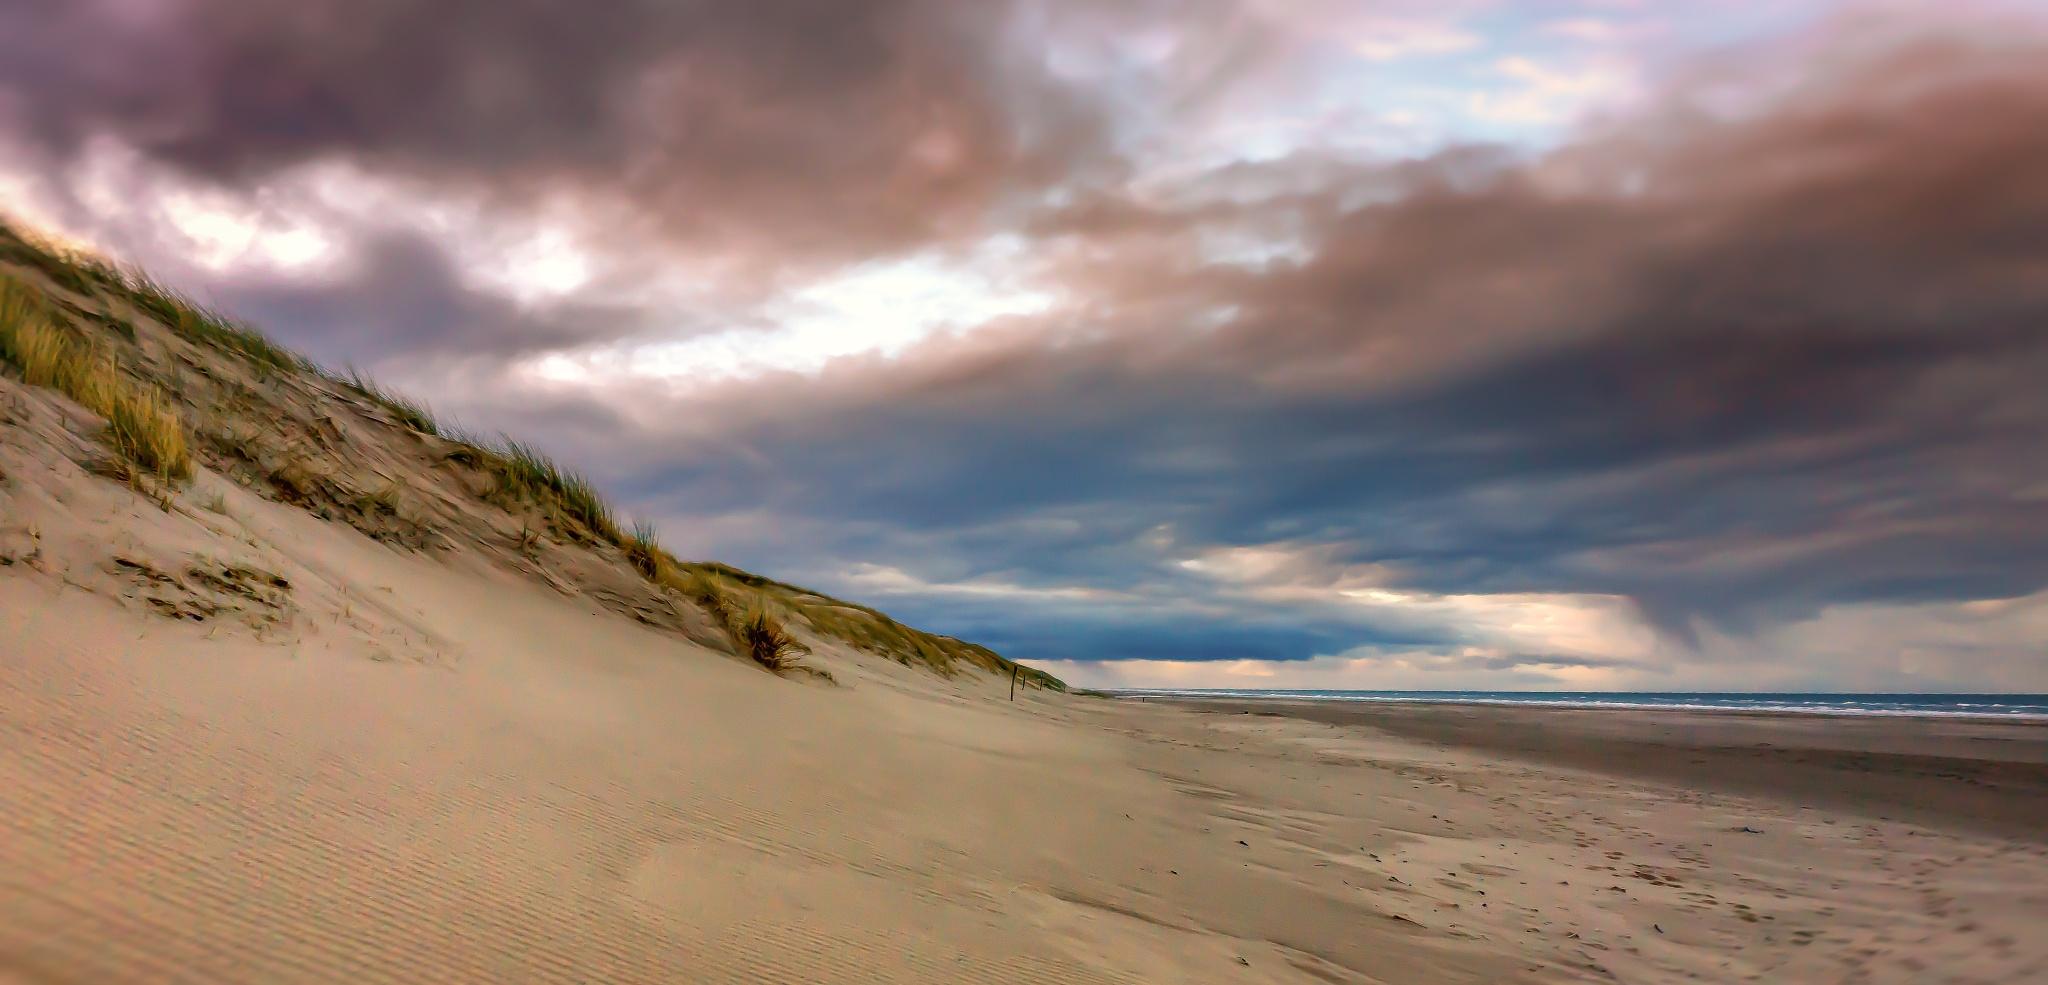 Dunes at dawn by Peter van der Waard